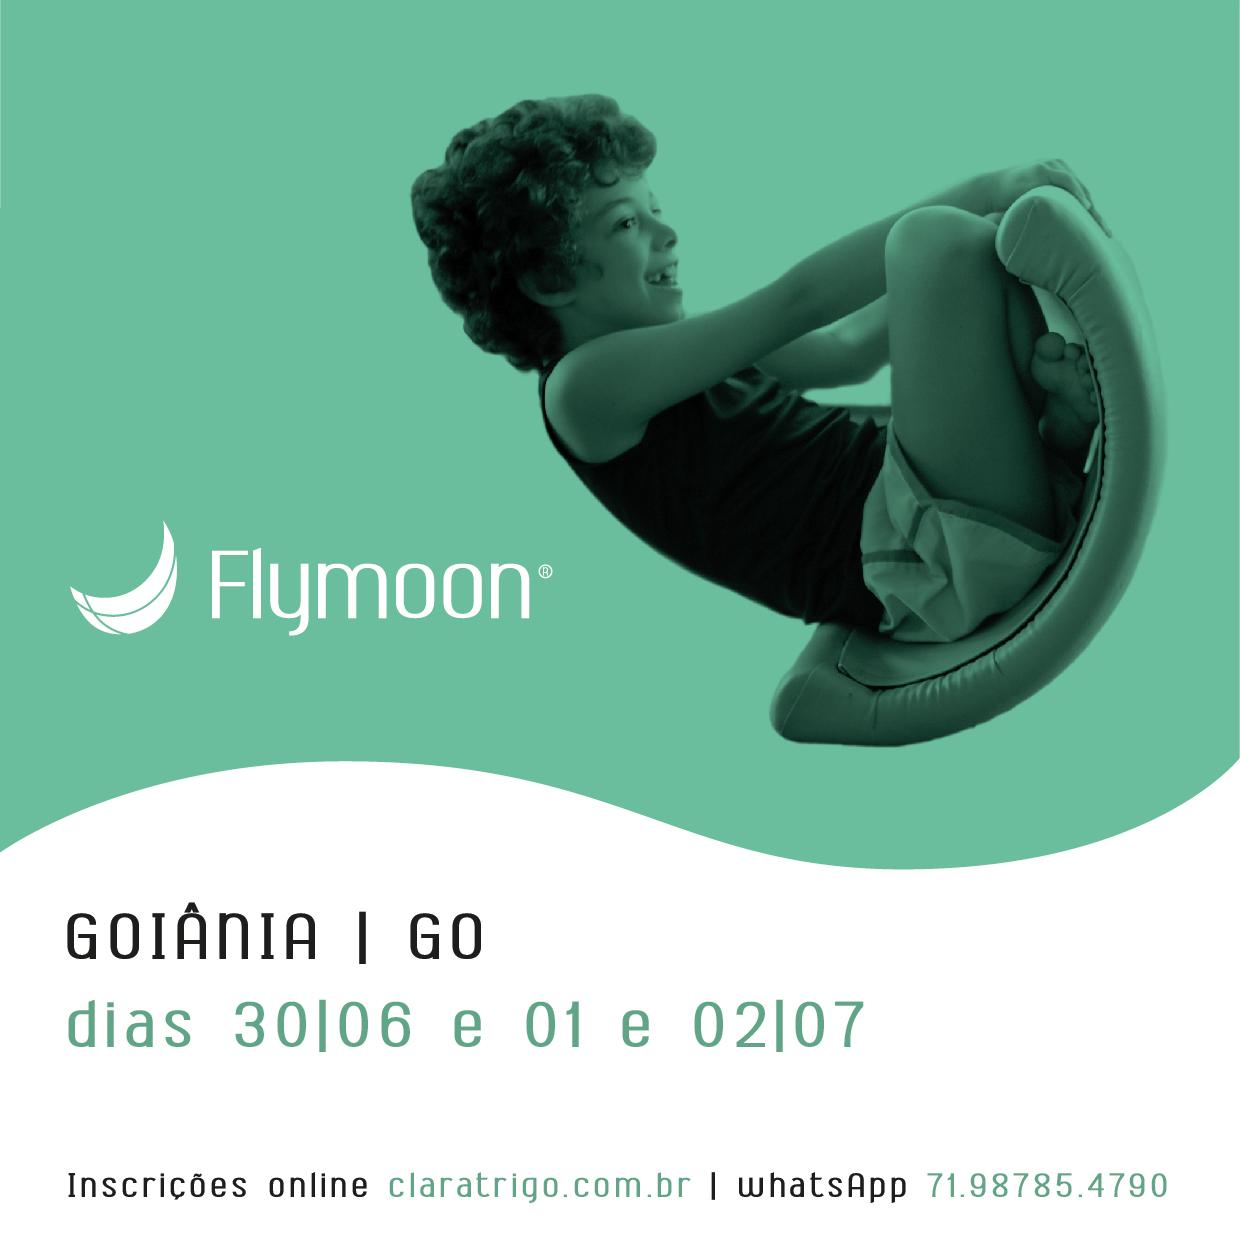 Formação Flymoon® Goiânia, GO – 30/06, 01 e 02/07/2017 – Inscreva-se aqui!